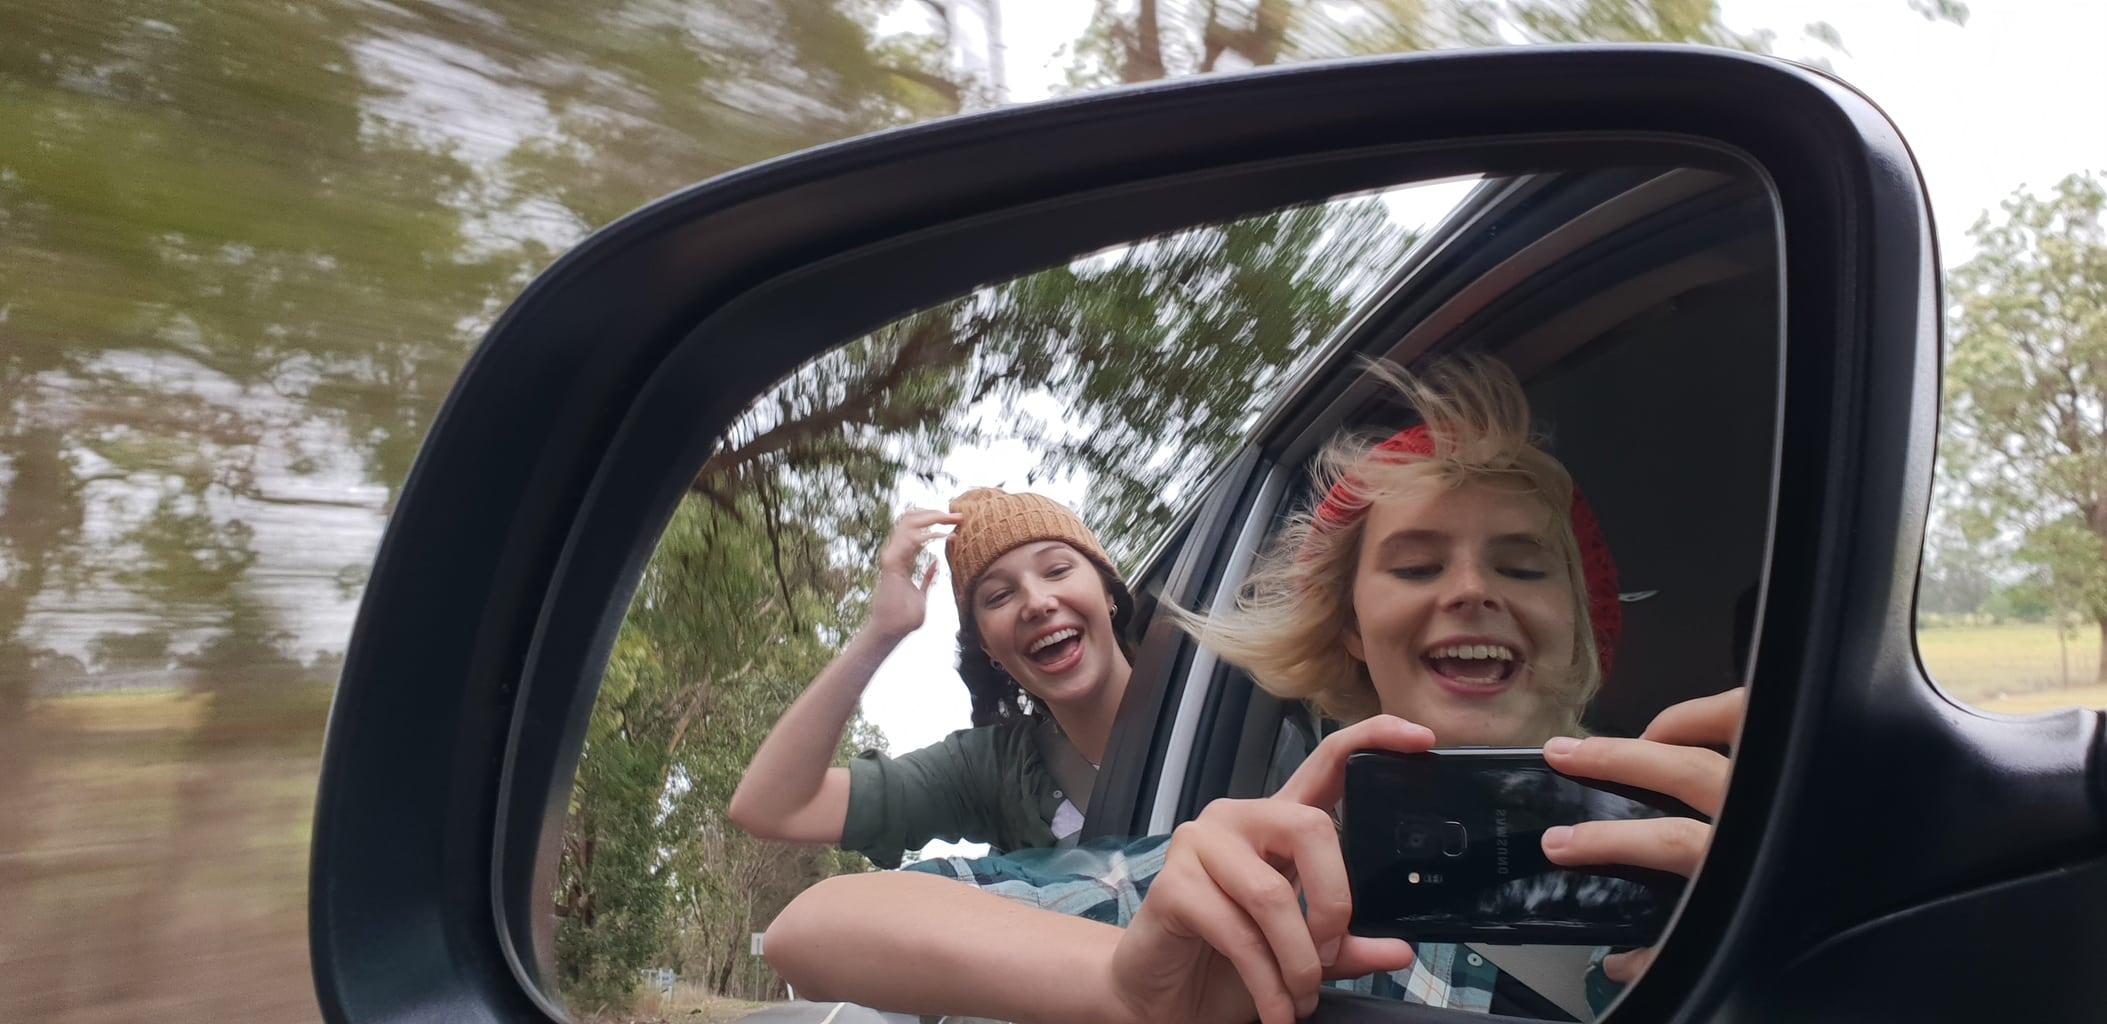 Jóvenes sonrientes en retrovisor de coche con Galaxy S9